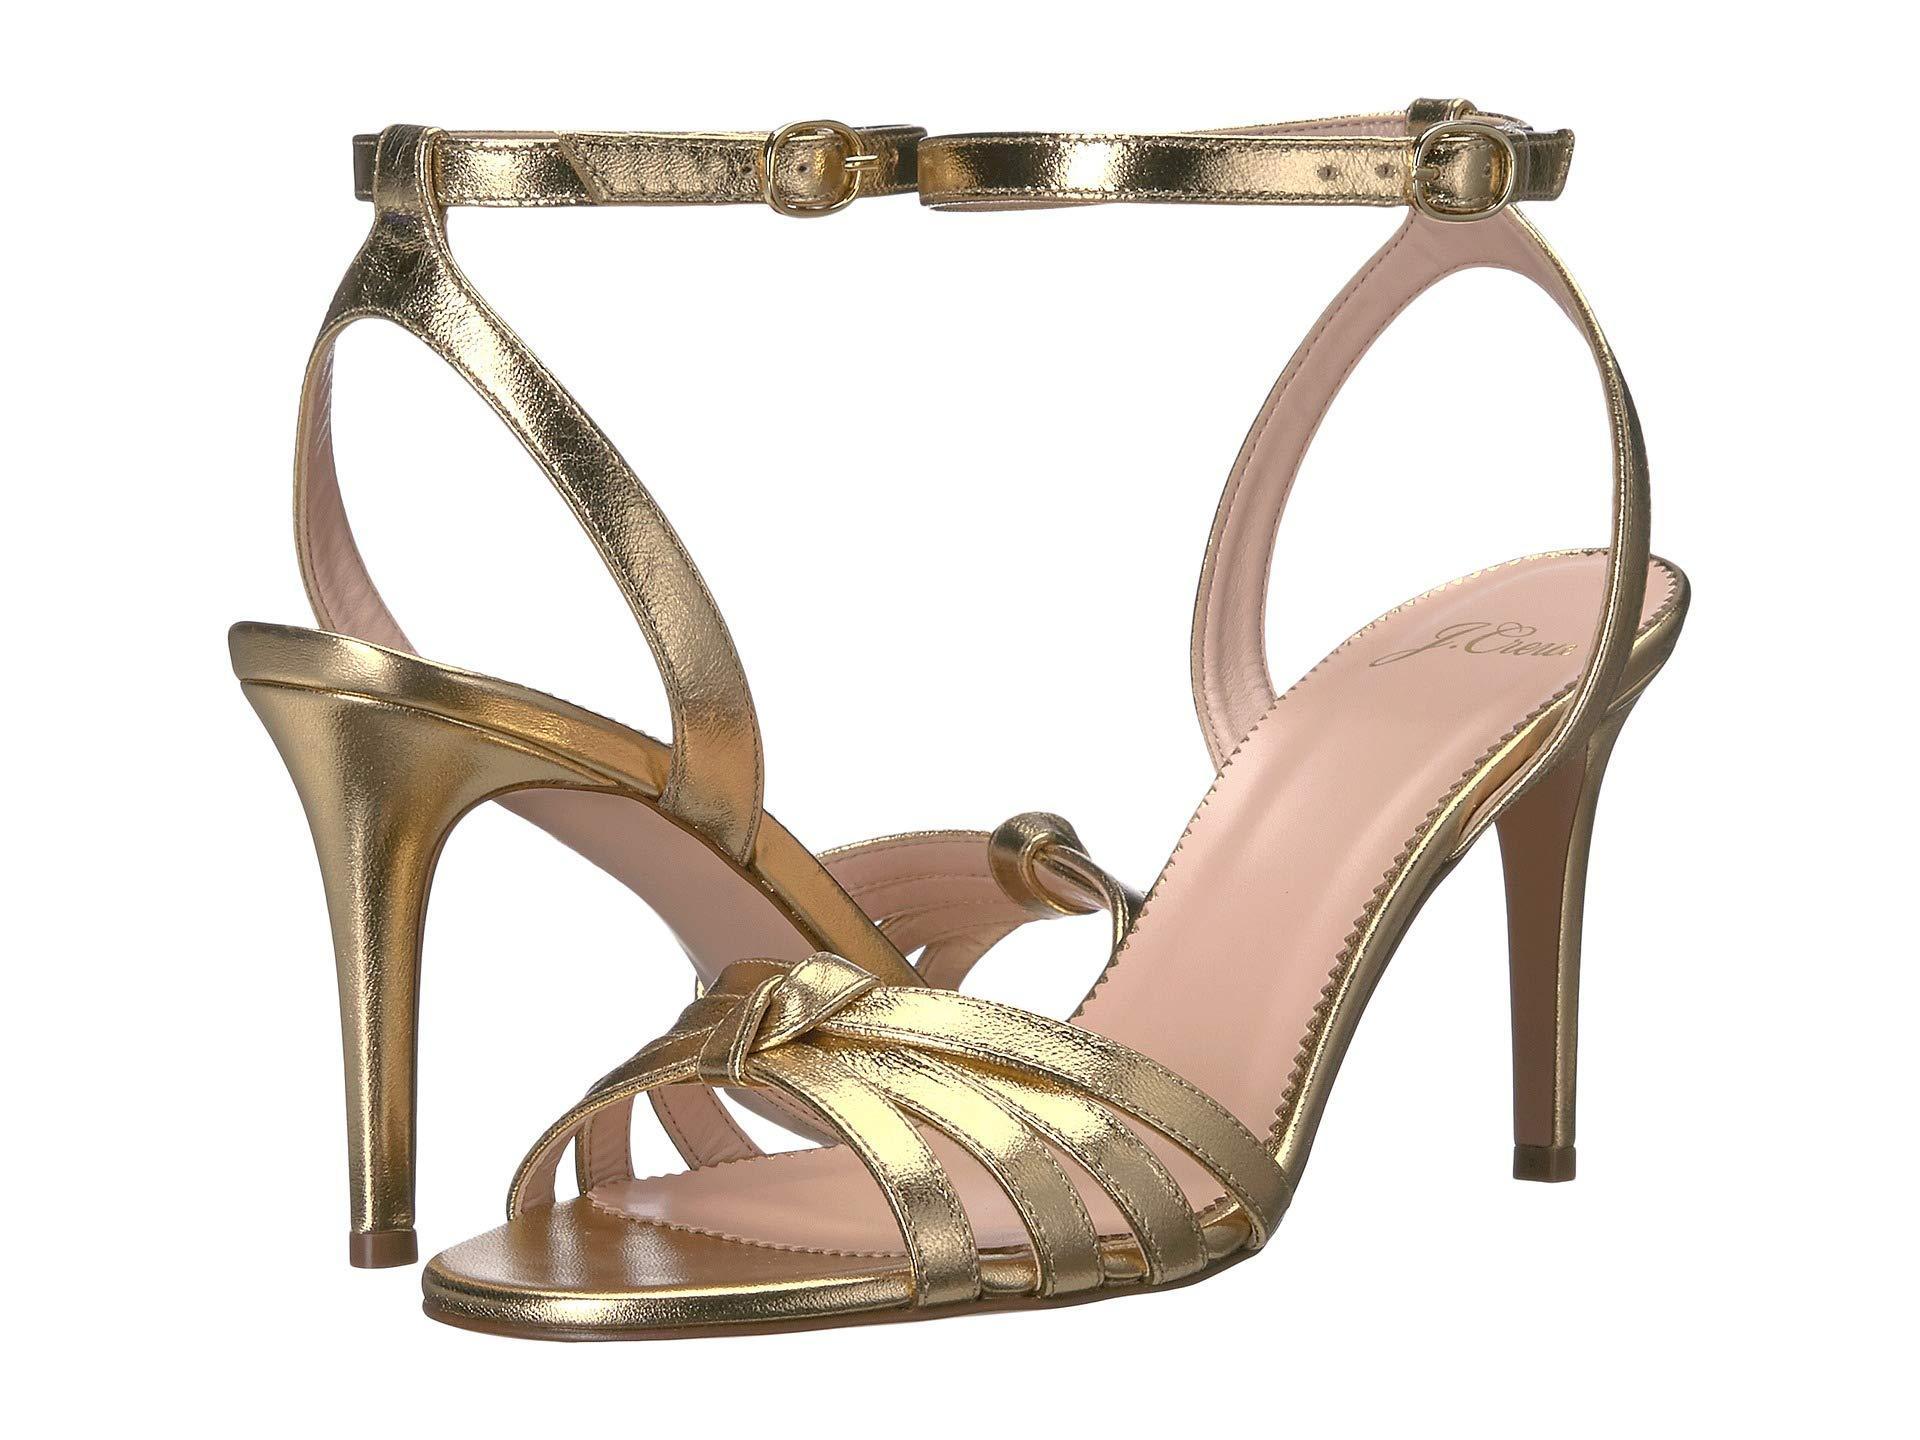 edc1e66ceed J.Crew Riley Sandal In Metallic Leather (metallic Gold) Women's ...